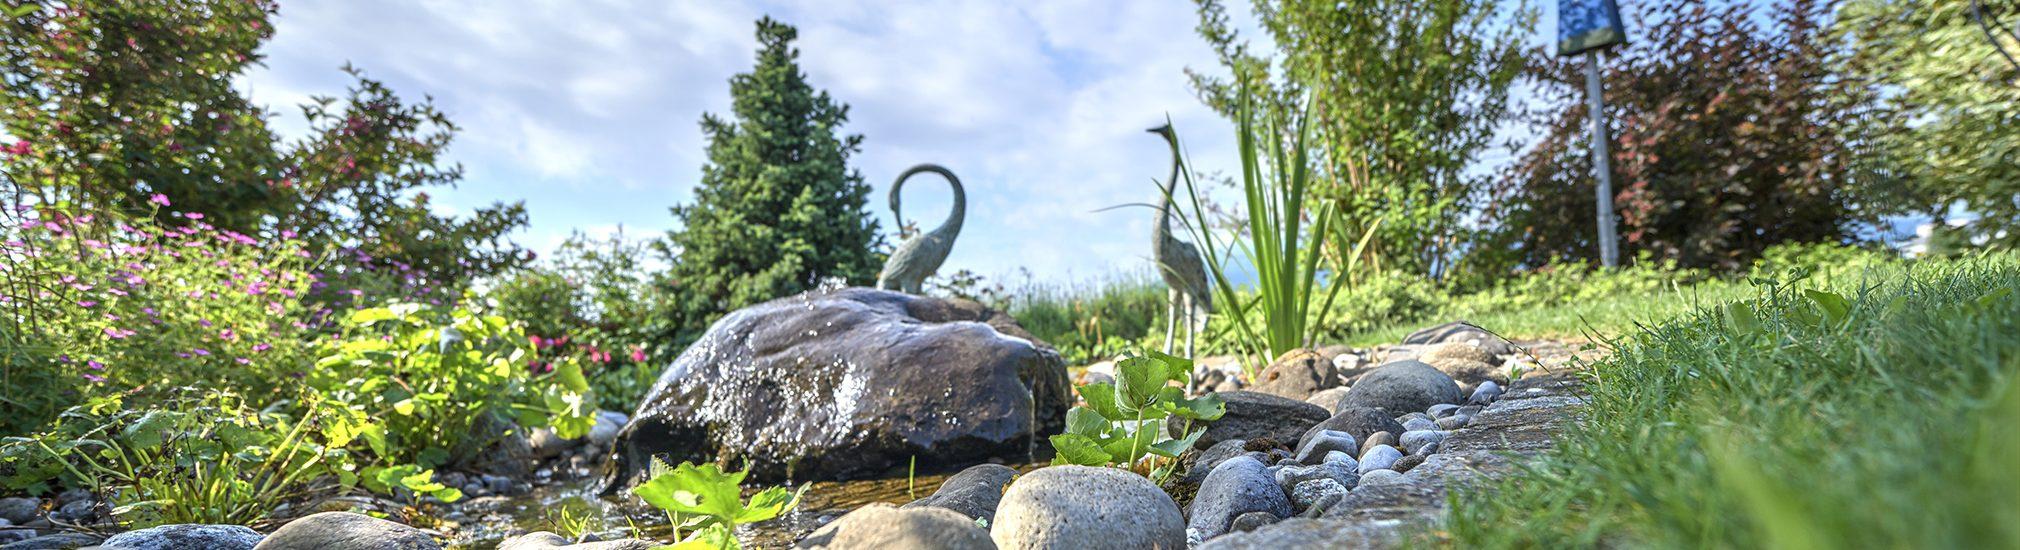 Amstutz Gartenbau AG, Gartenbau, Wasserspiel, Biotop